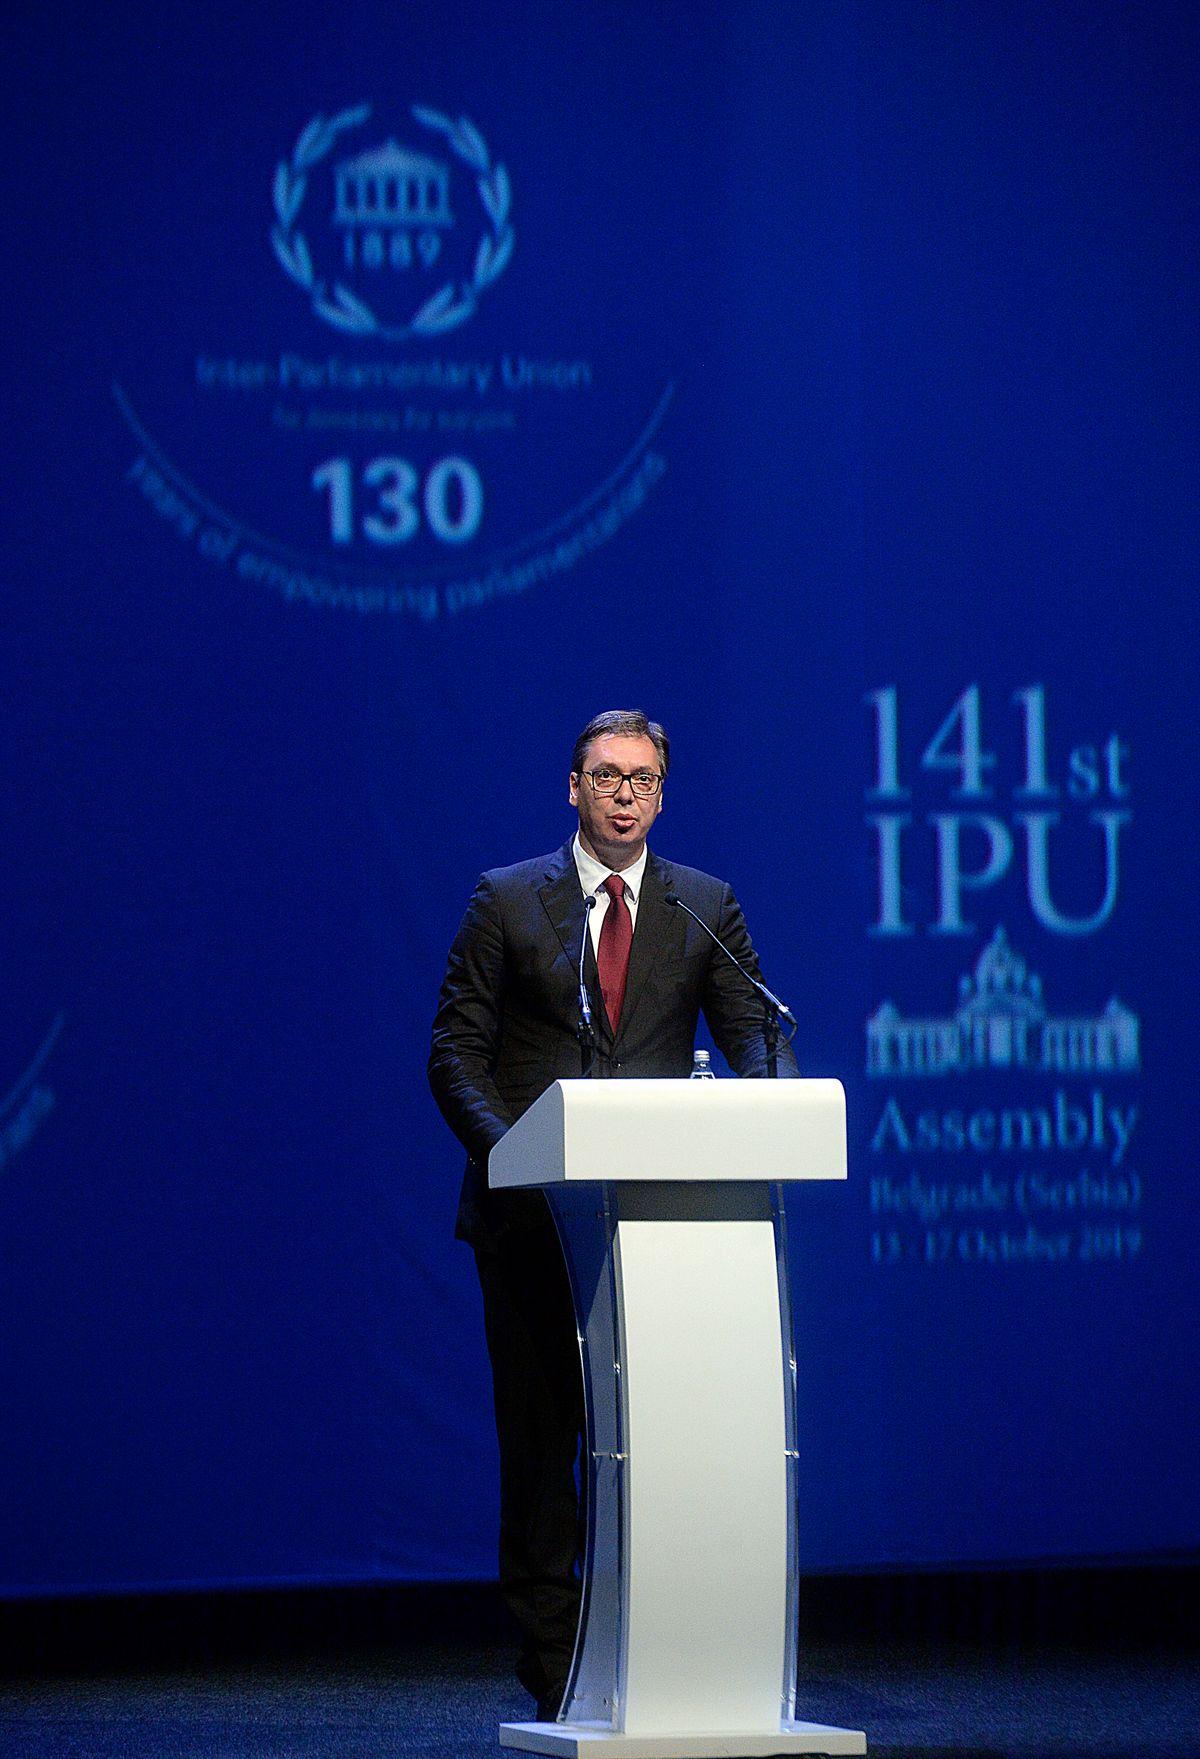 Председник Вучић свечано отворио 141. Скупштину Интерпарламентарне уније